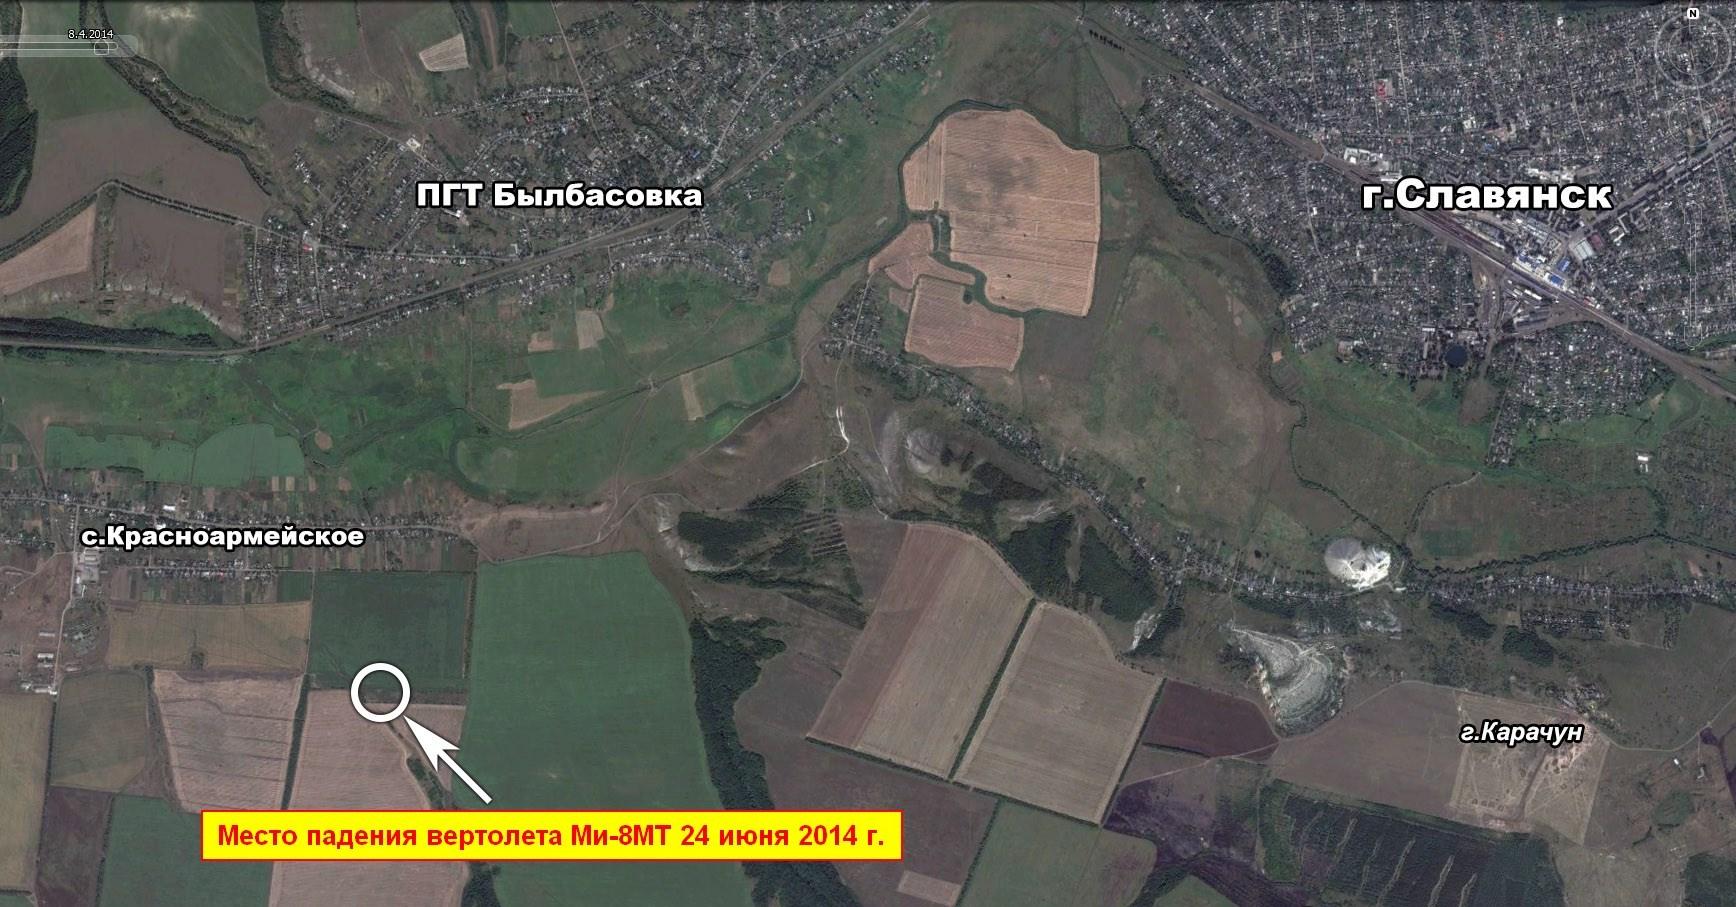 Карта місця падіння вертольота Мі-8МТ 24.06.2014 р.